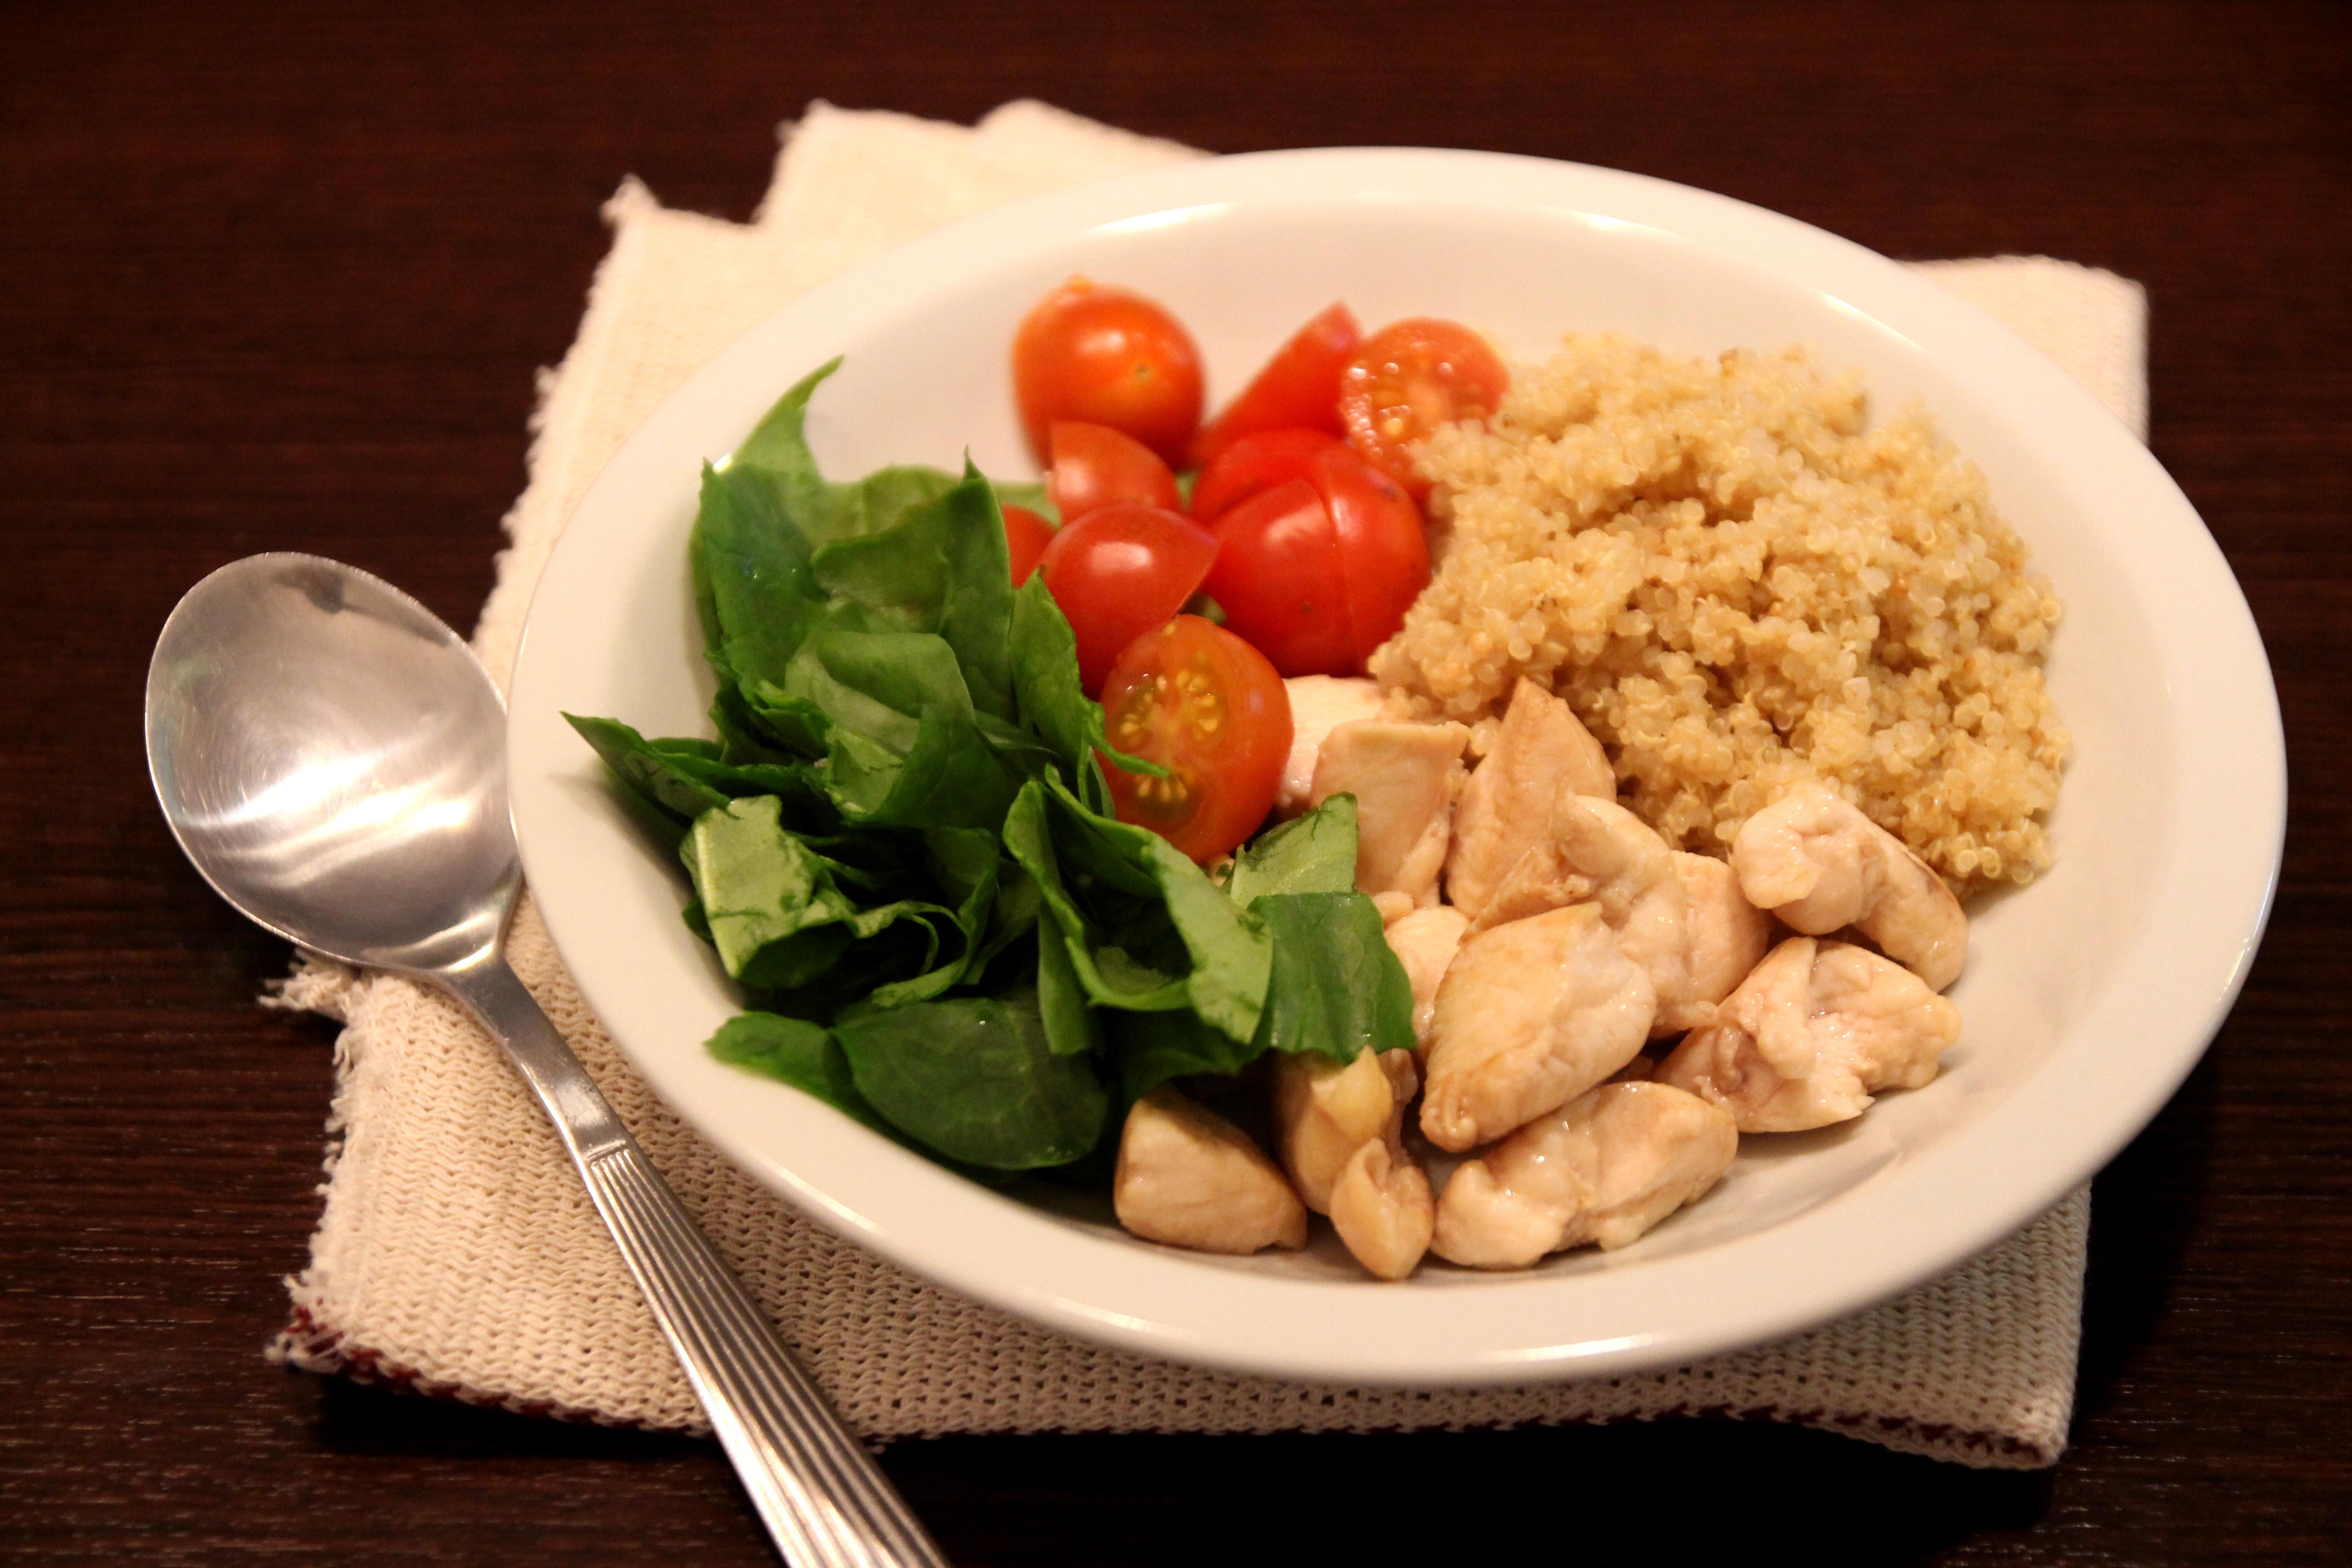 Chicken Quinoa Salad with Tomato & Spinach6